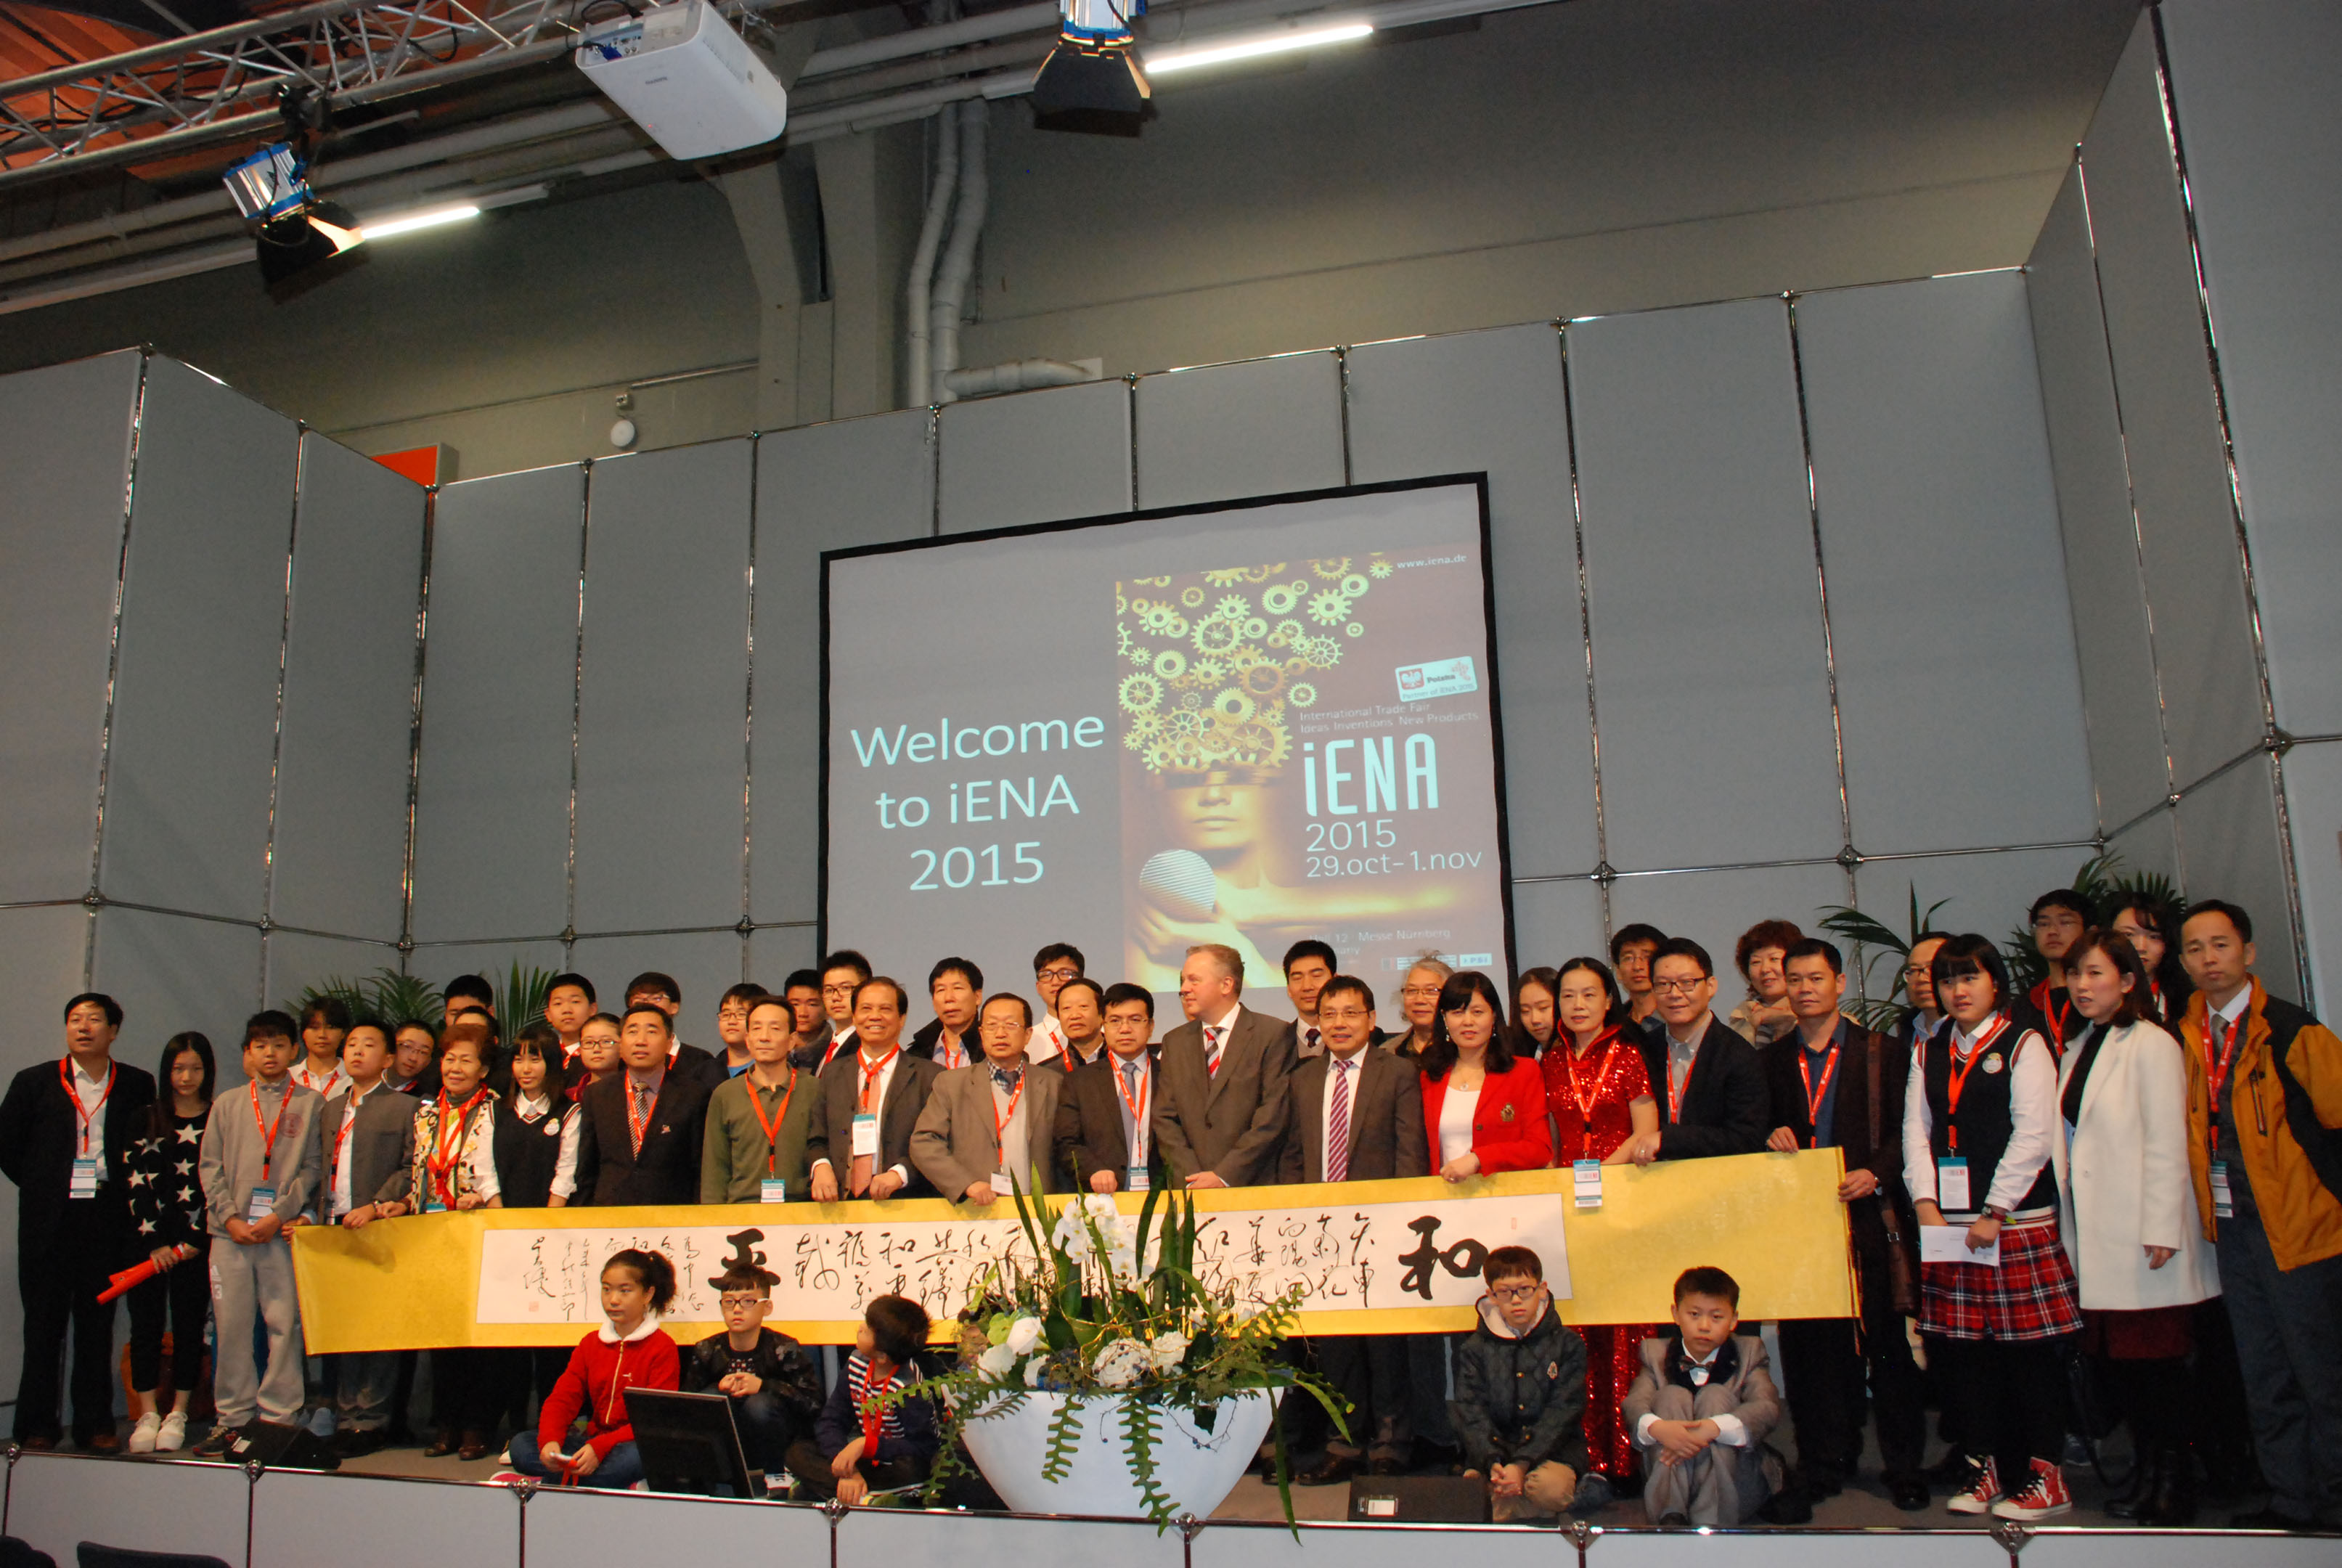 2015年第67届德国纽伦堡国际发明展合影照片